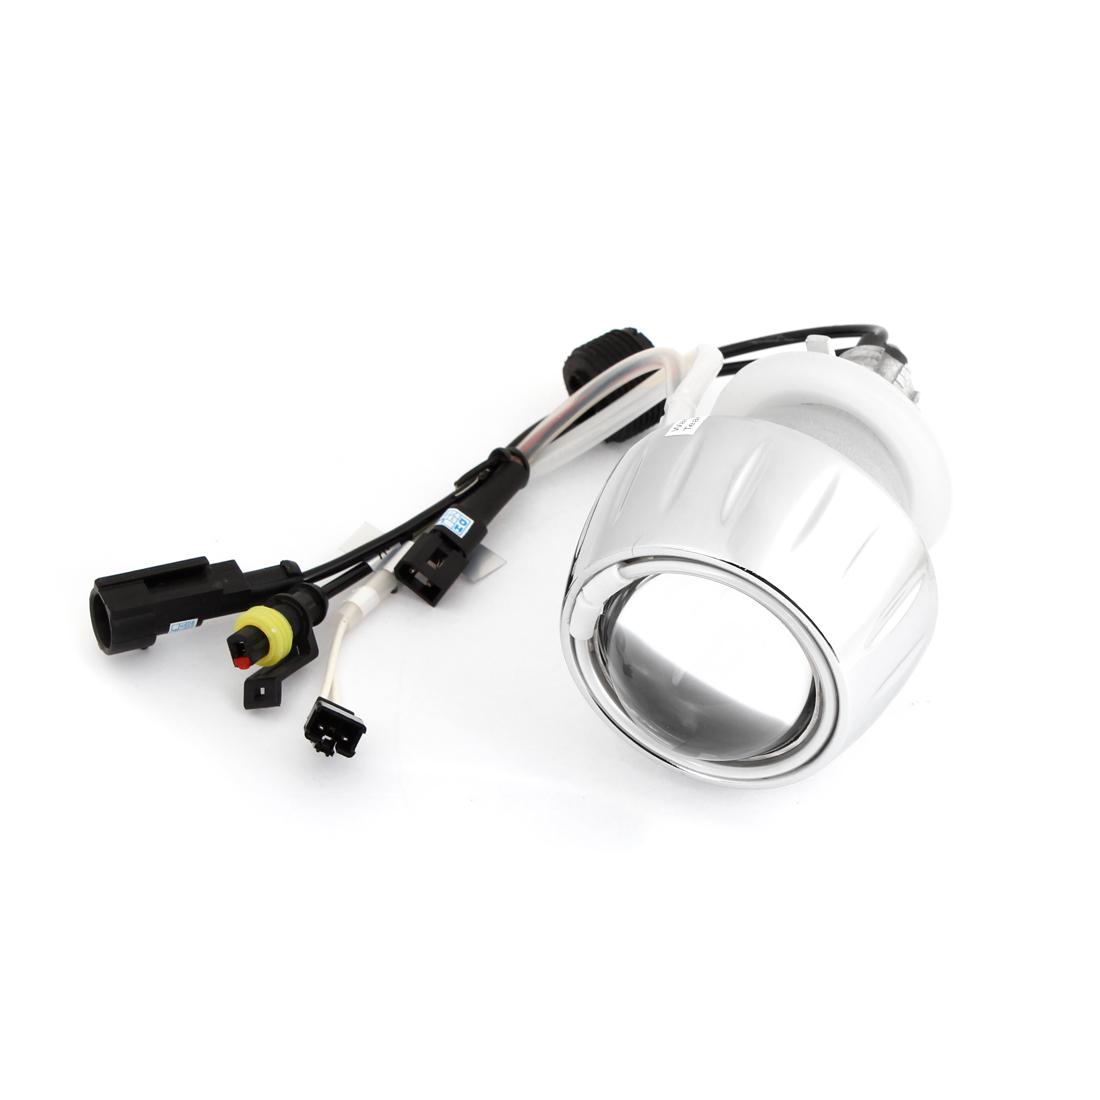 6000K 3000 LM White Angel Eye Motorcycle HID Projector Lens Lamp Light Kit 12V